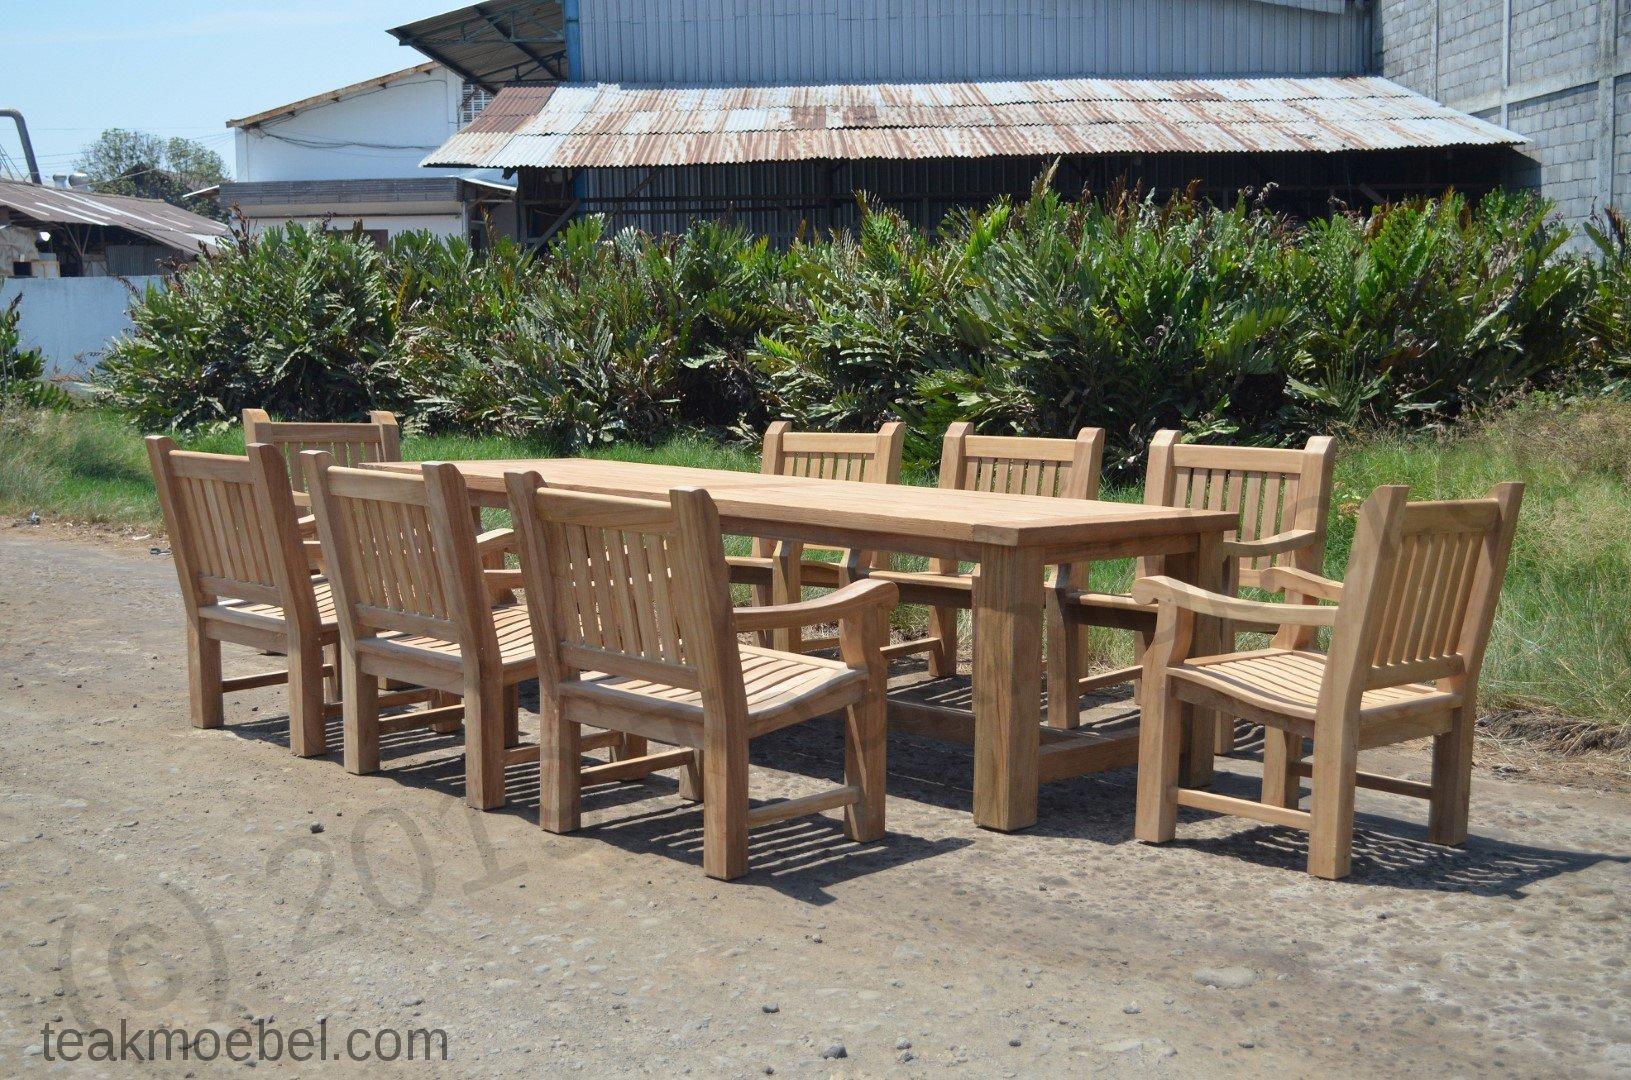 Gartentisch Mammut 300cm Mit 8 Mammut Gartenstuhle Teakmobel Com